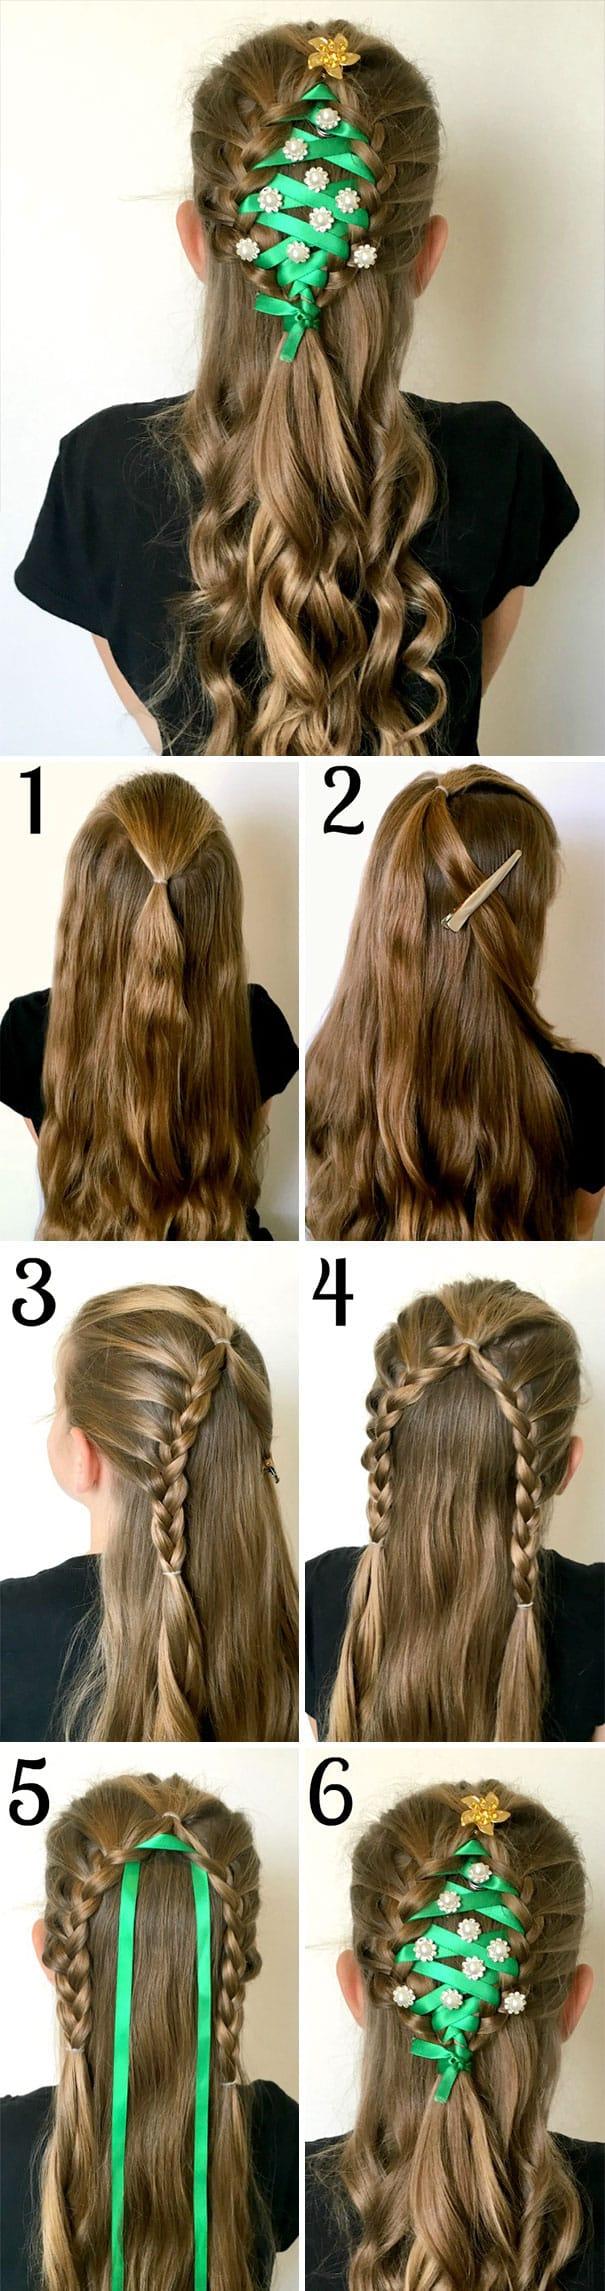 Инструкция по плетению волос